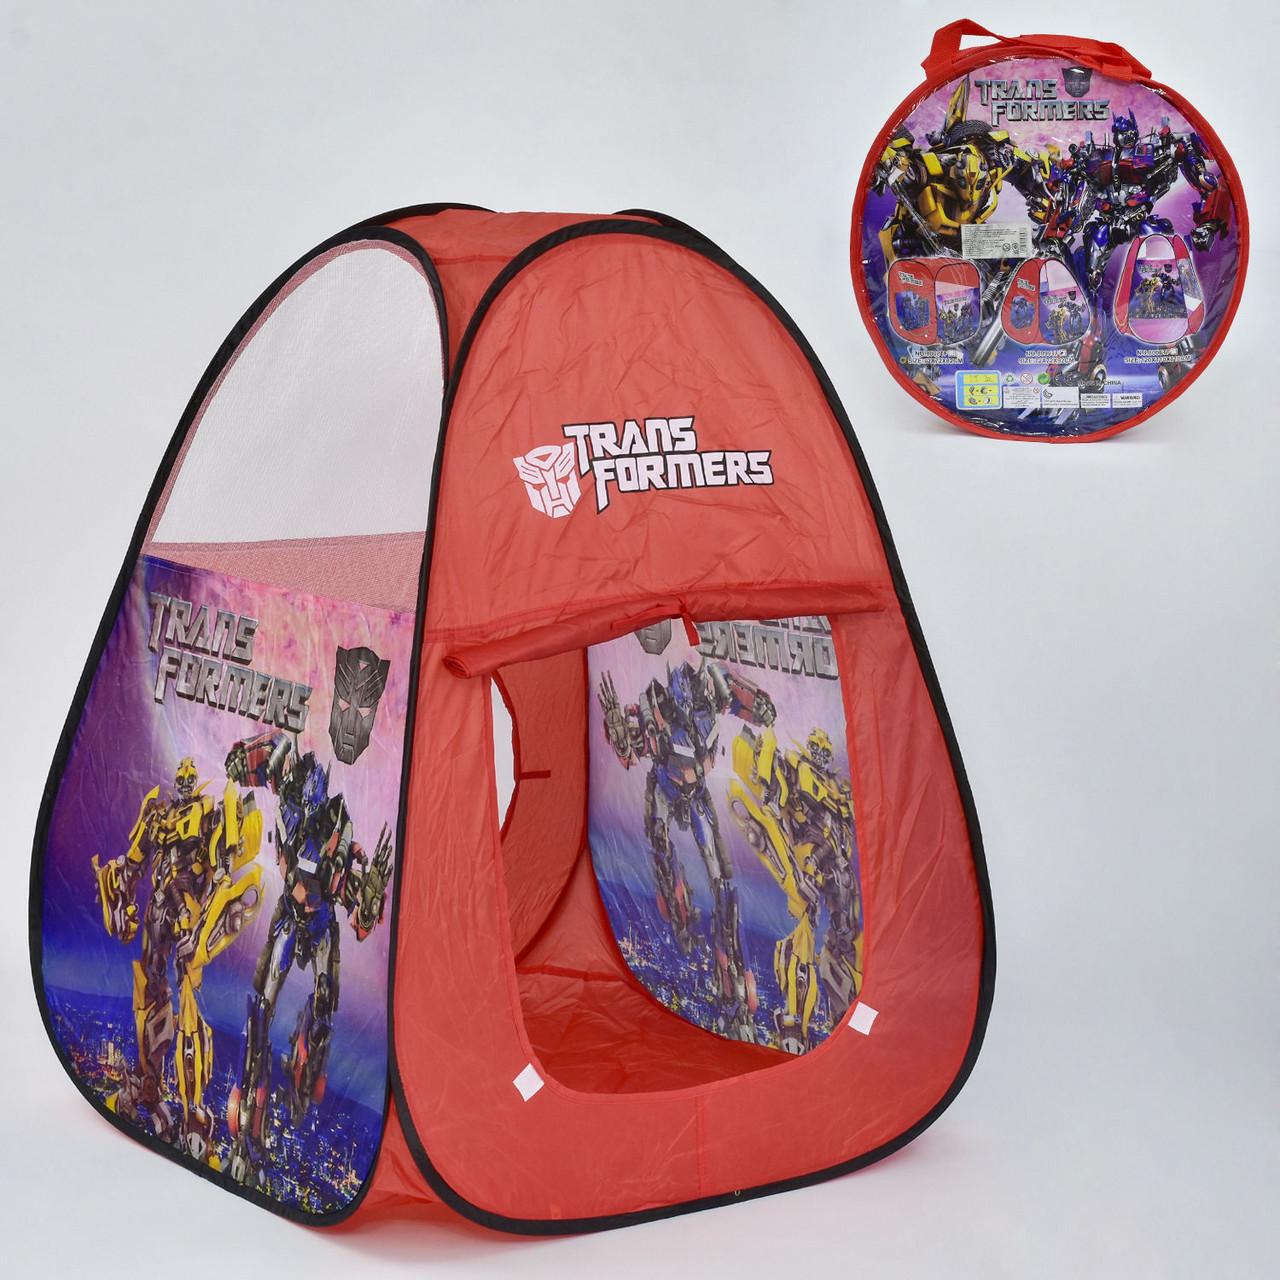 Палатка детская 8099 TF 72х72х92 см в сумке Гарантия качества Быстрая доставка